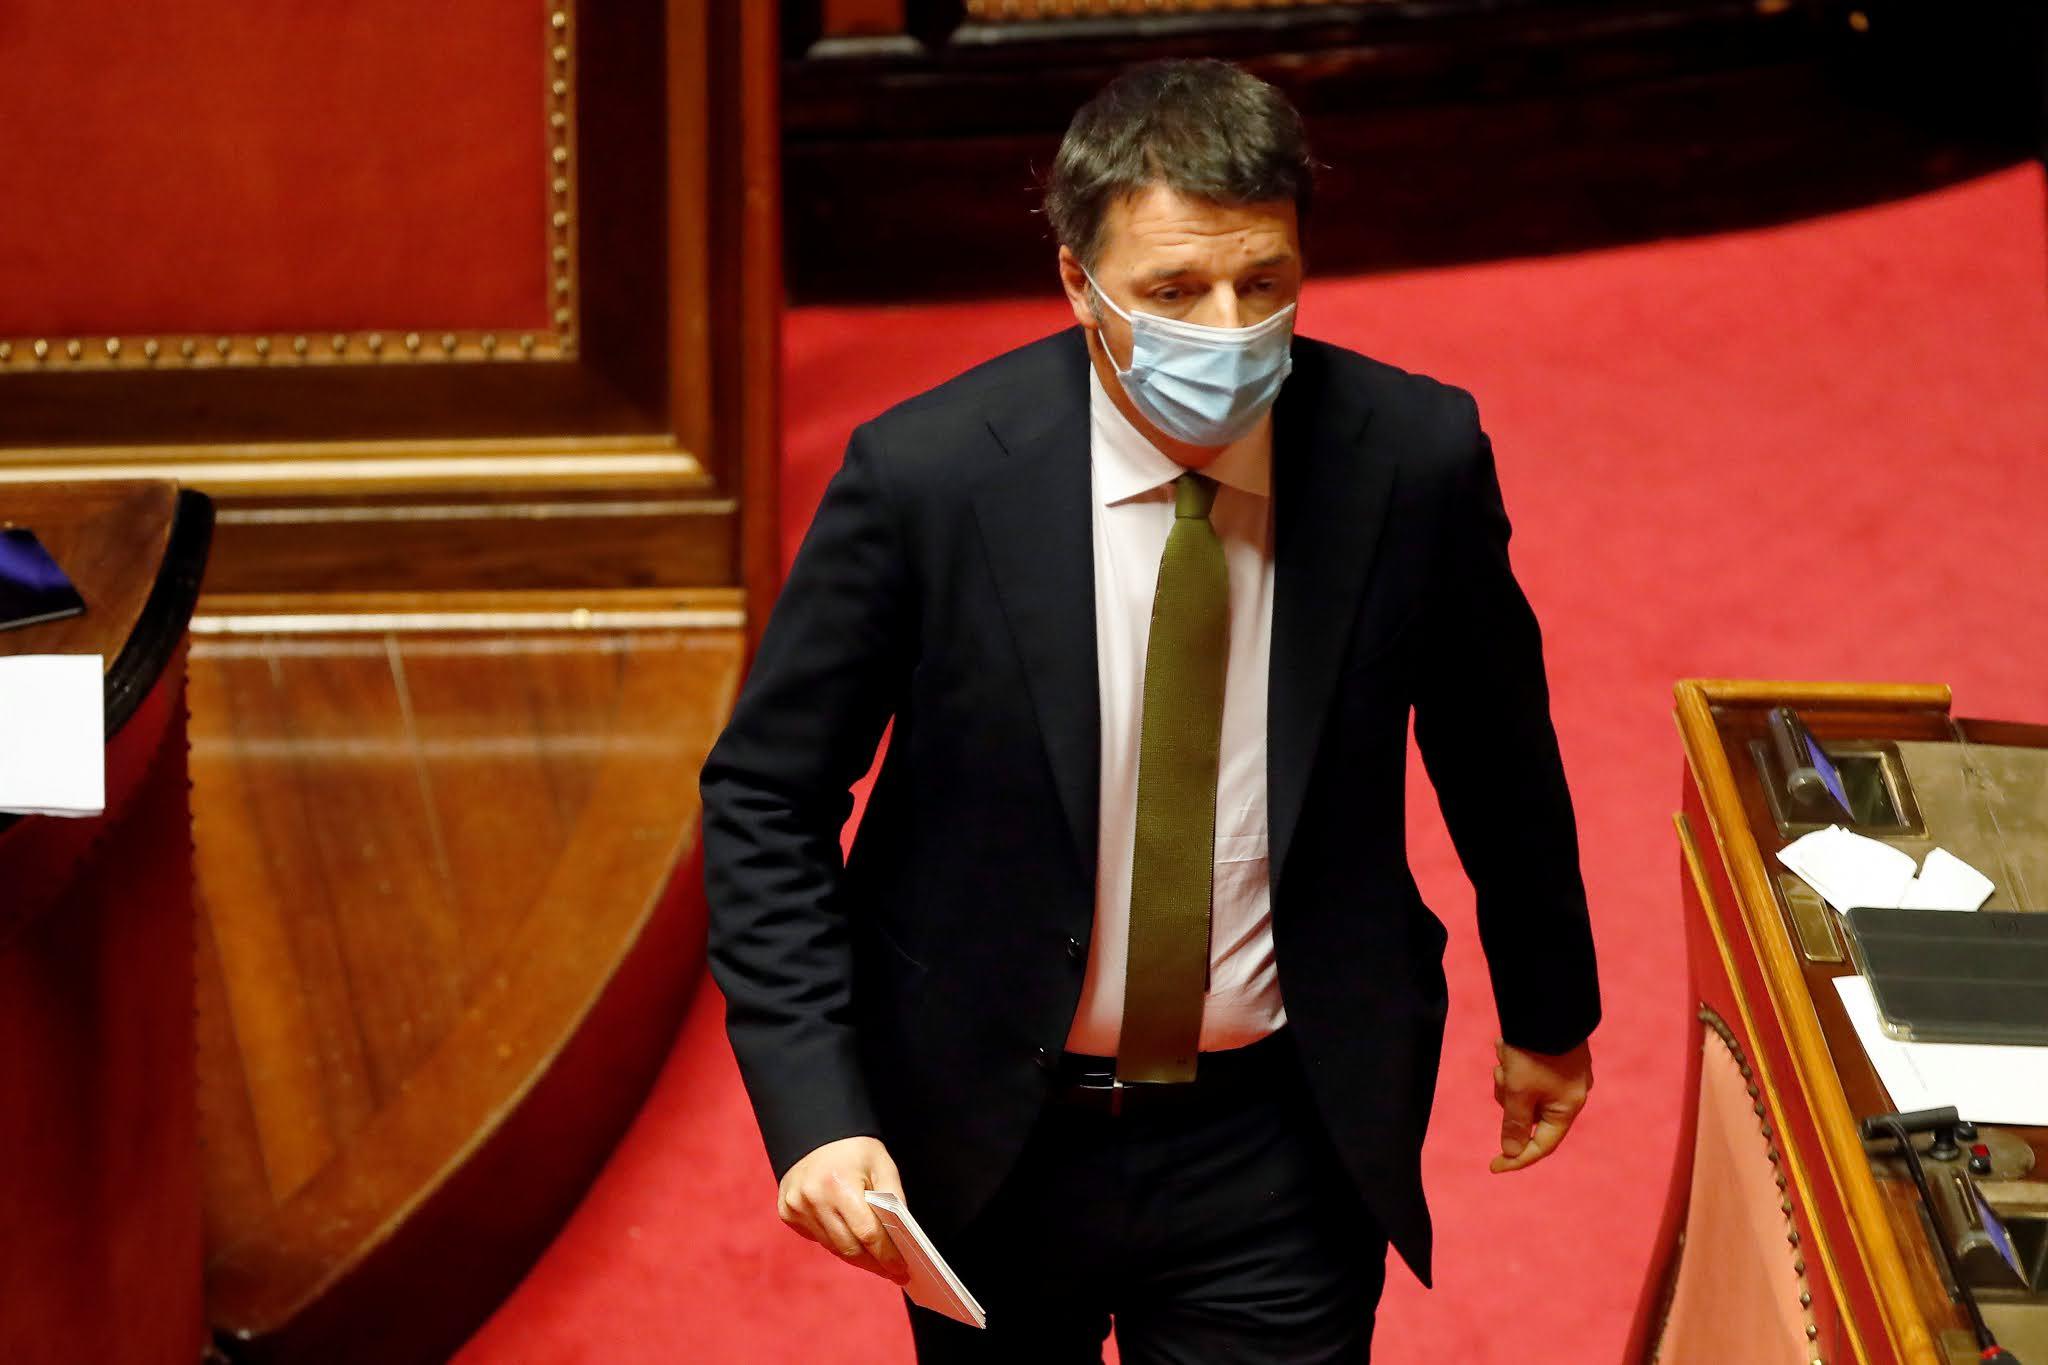 El primer ministro italiano, Giuseppe Conte, anunció que renunciará el martes para buscar formar un nuevo gobierno